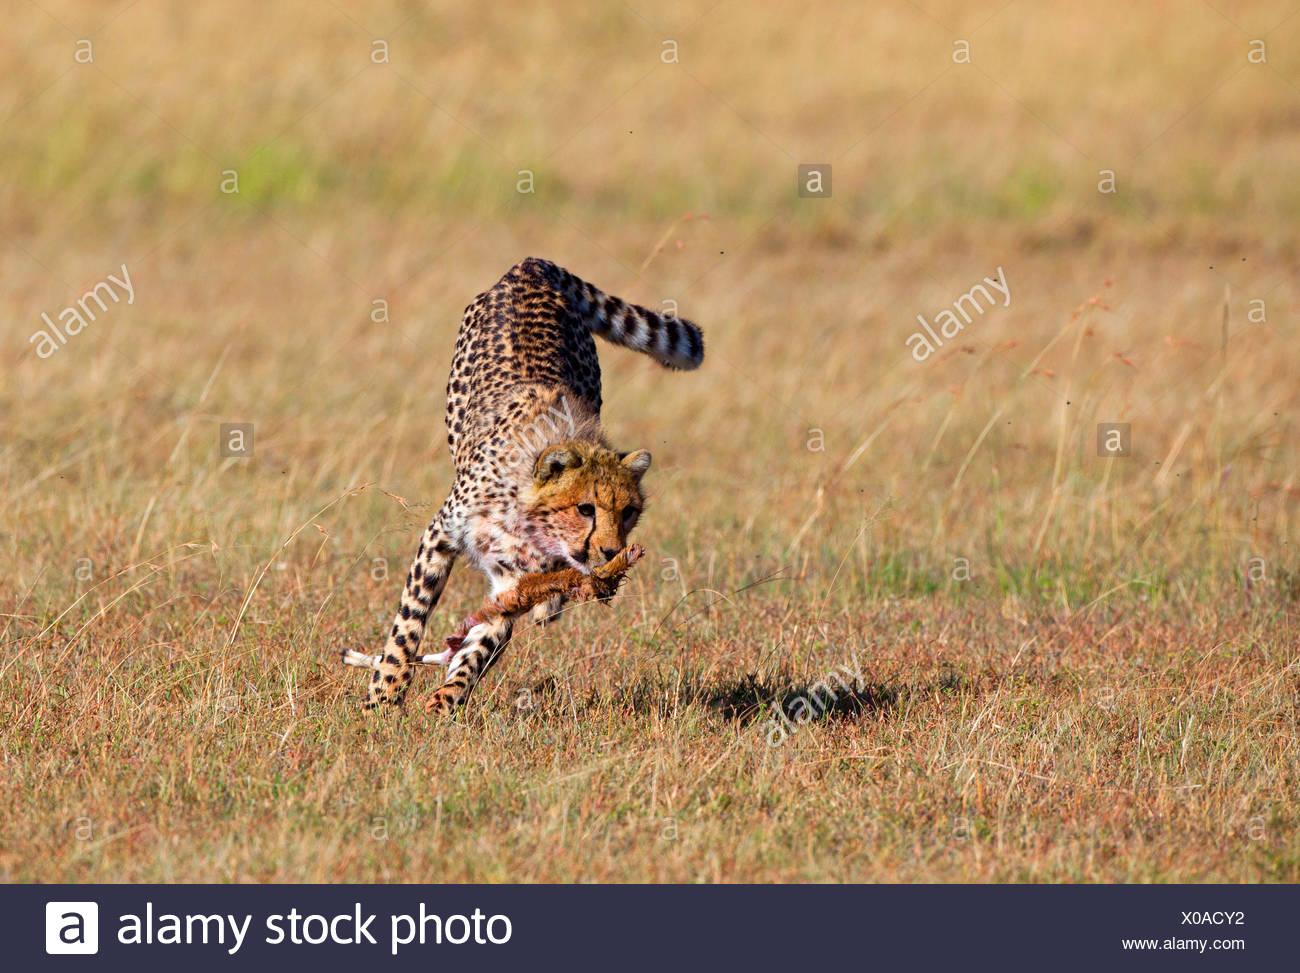 Ghepardo (Acinonyx jubatus), fugge con parte di un cadavere nella sua bocca, Kenia Masai Mara National Park Immagini Stock